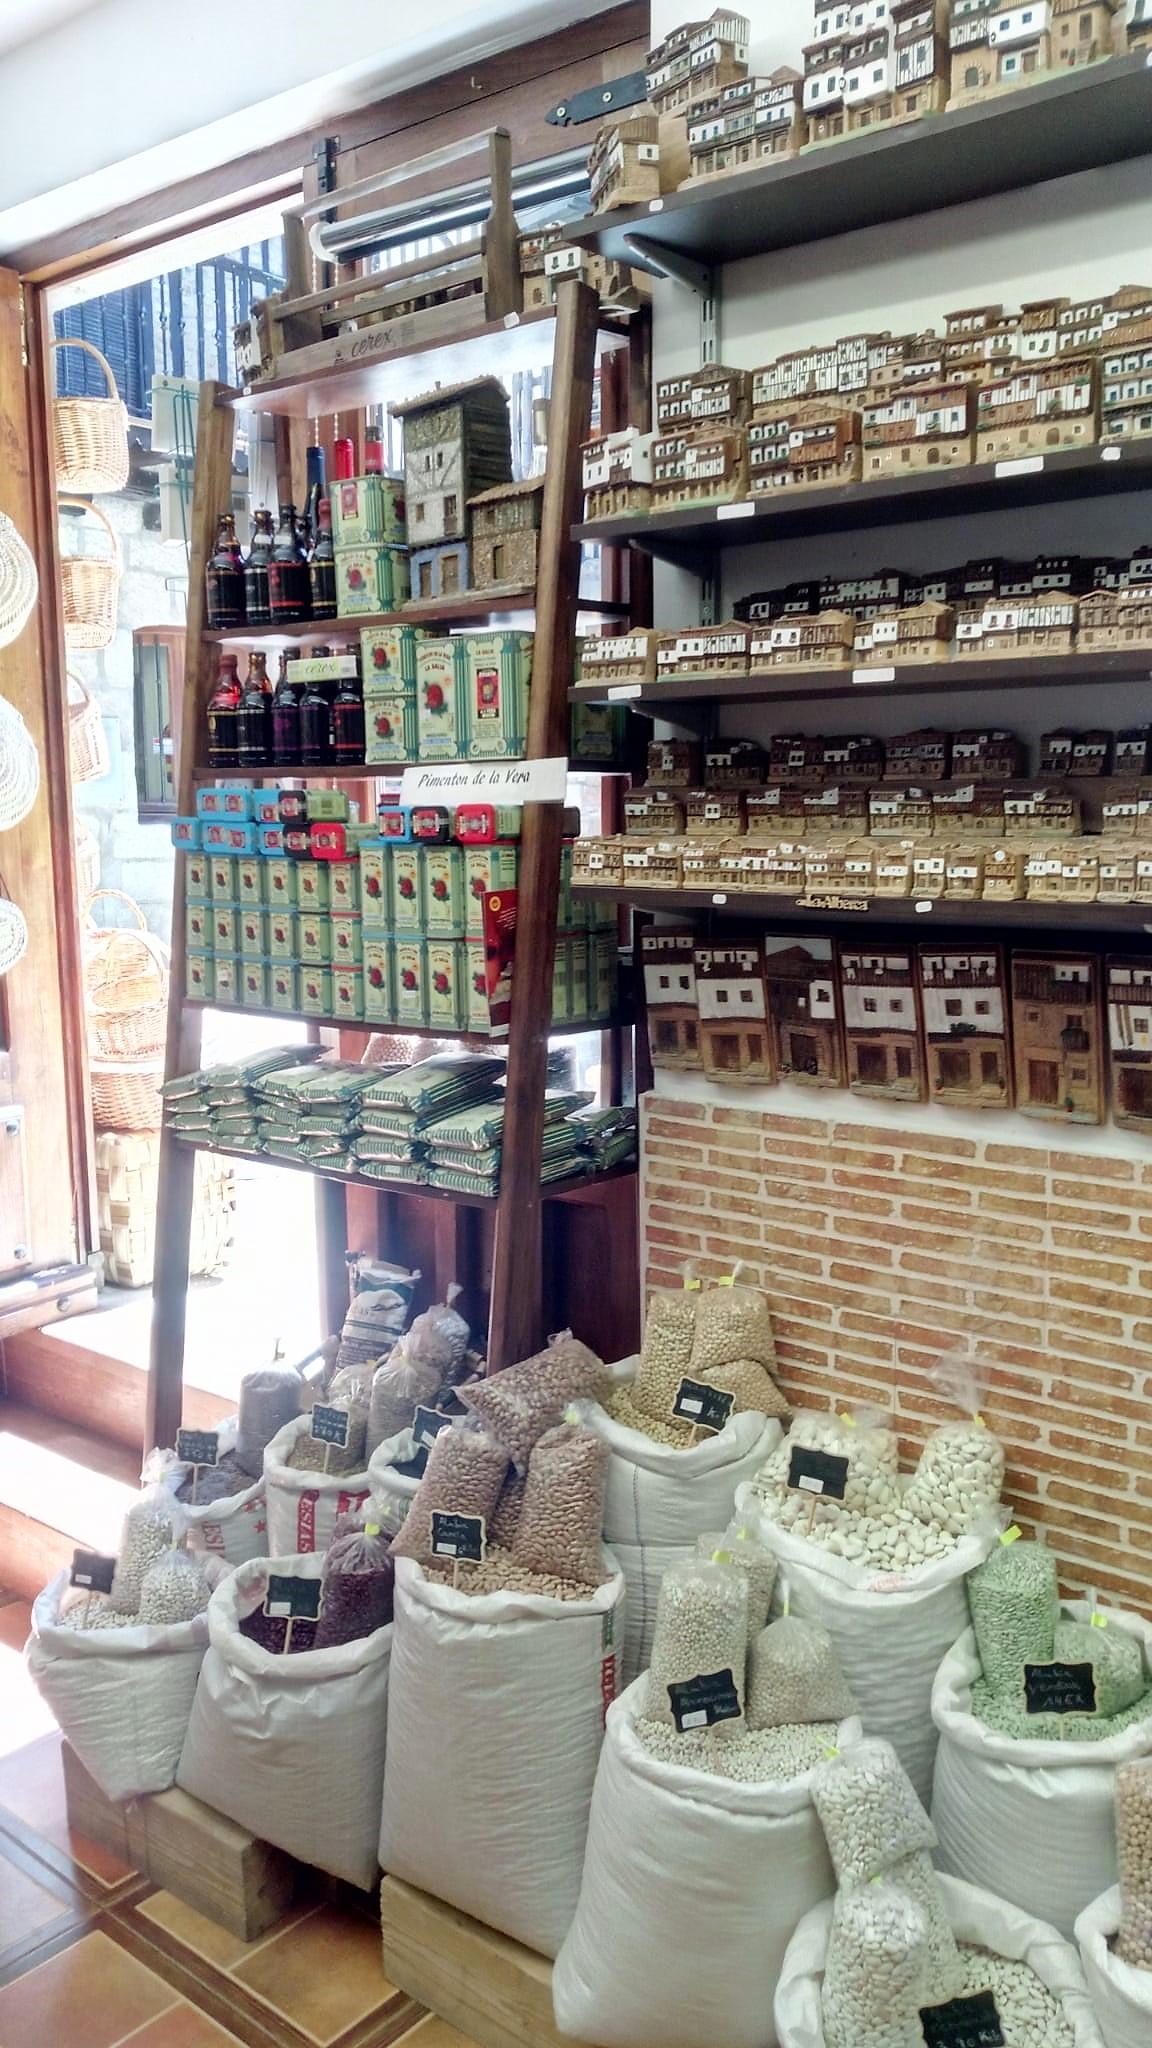 Tienda de Artesanía en la Alberca la Esquina de Animas